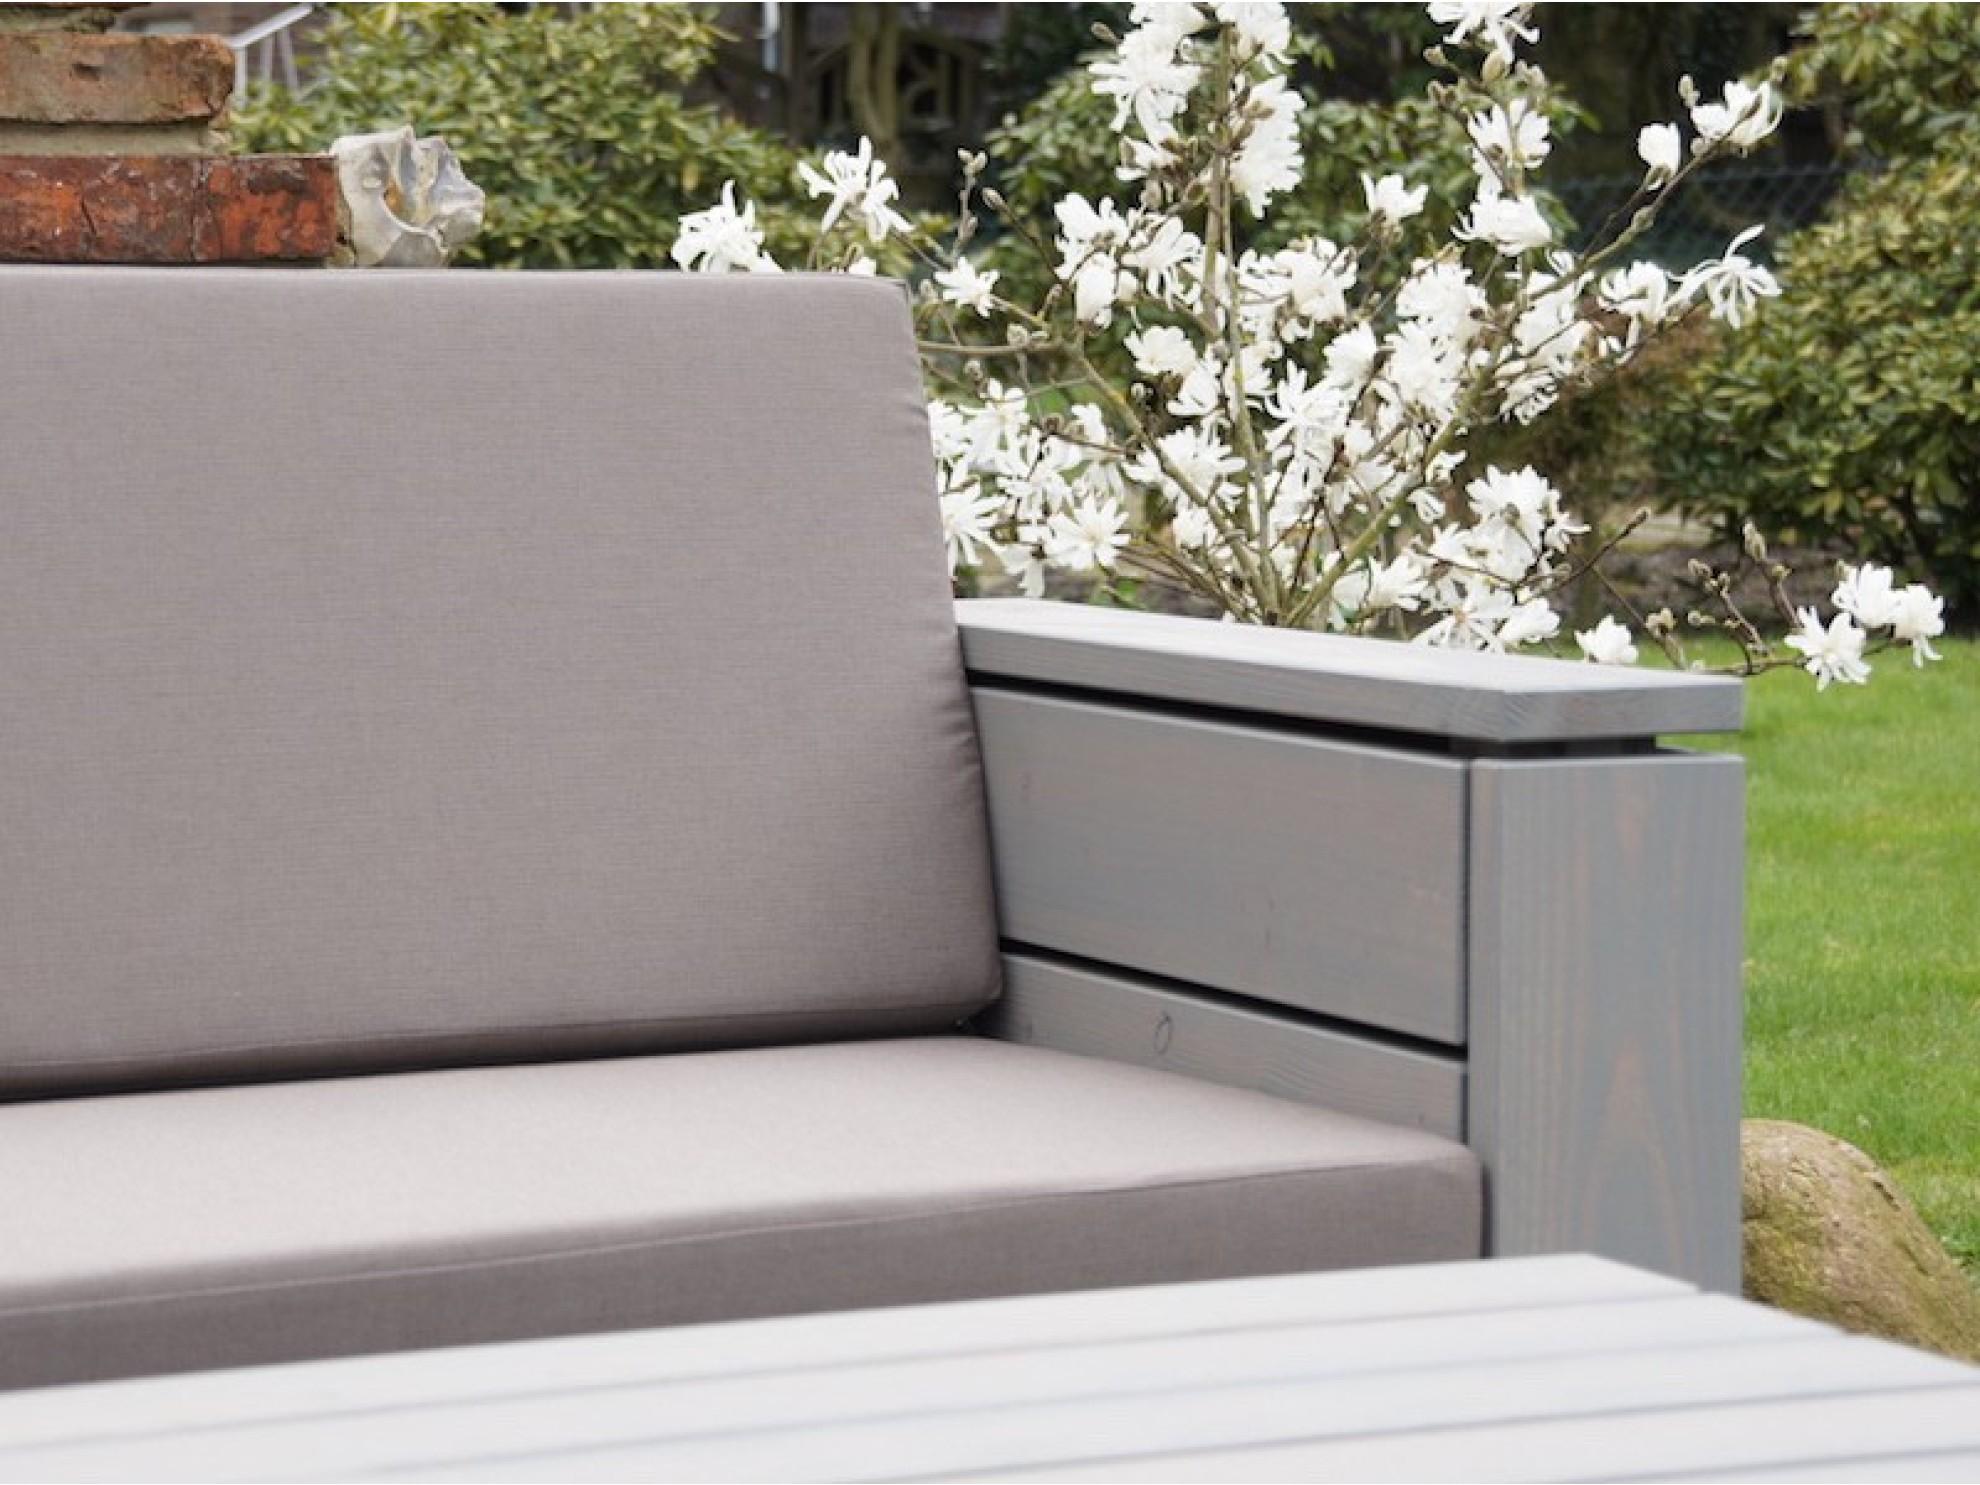 Lounge sofa 2 sitzer outdoor  Lounge Sofa 2 Sitzer - Zeitlose Loungemöbel aus heimischem Holz